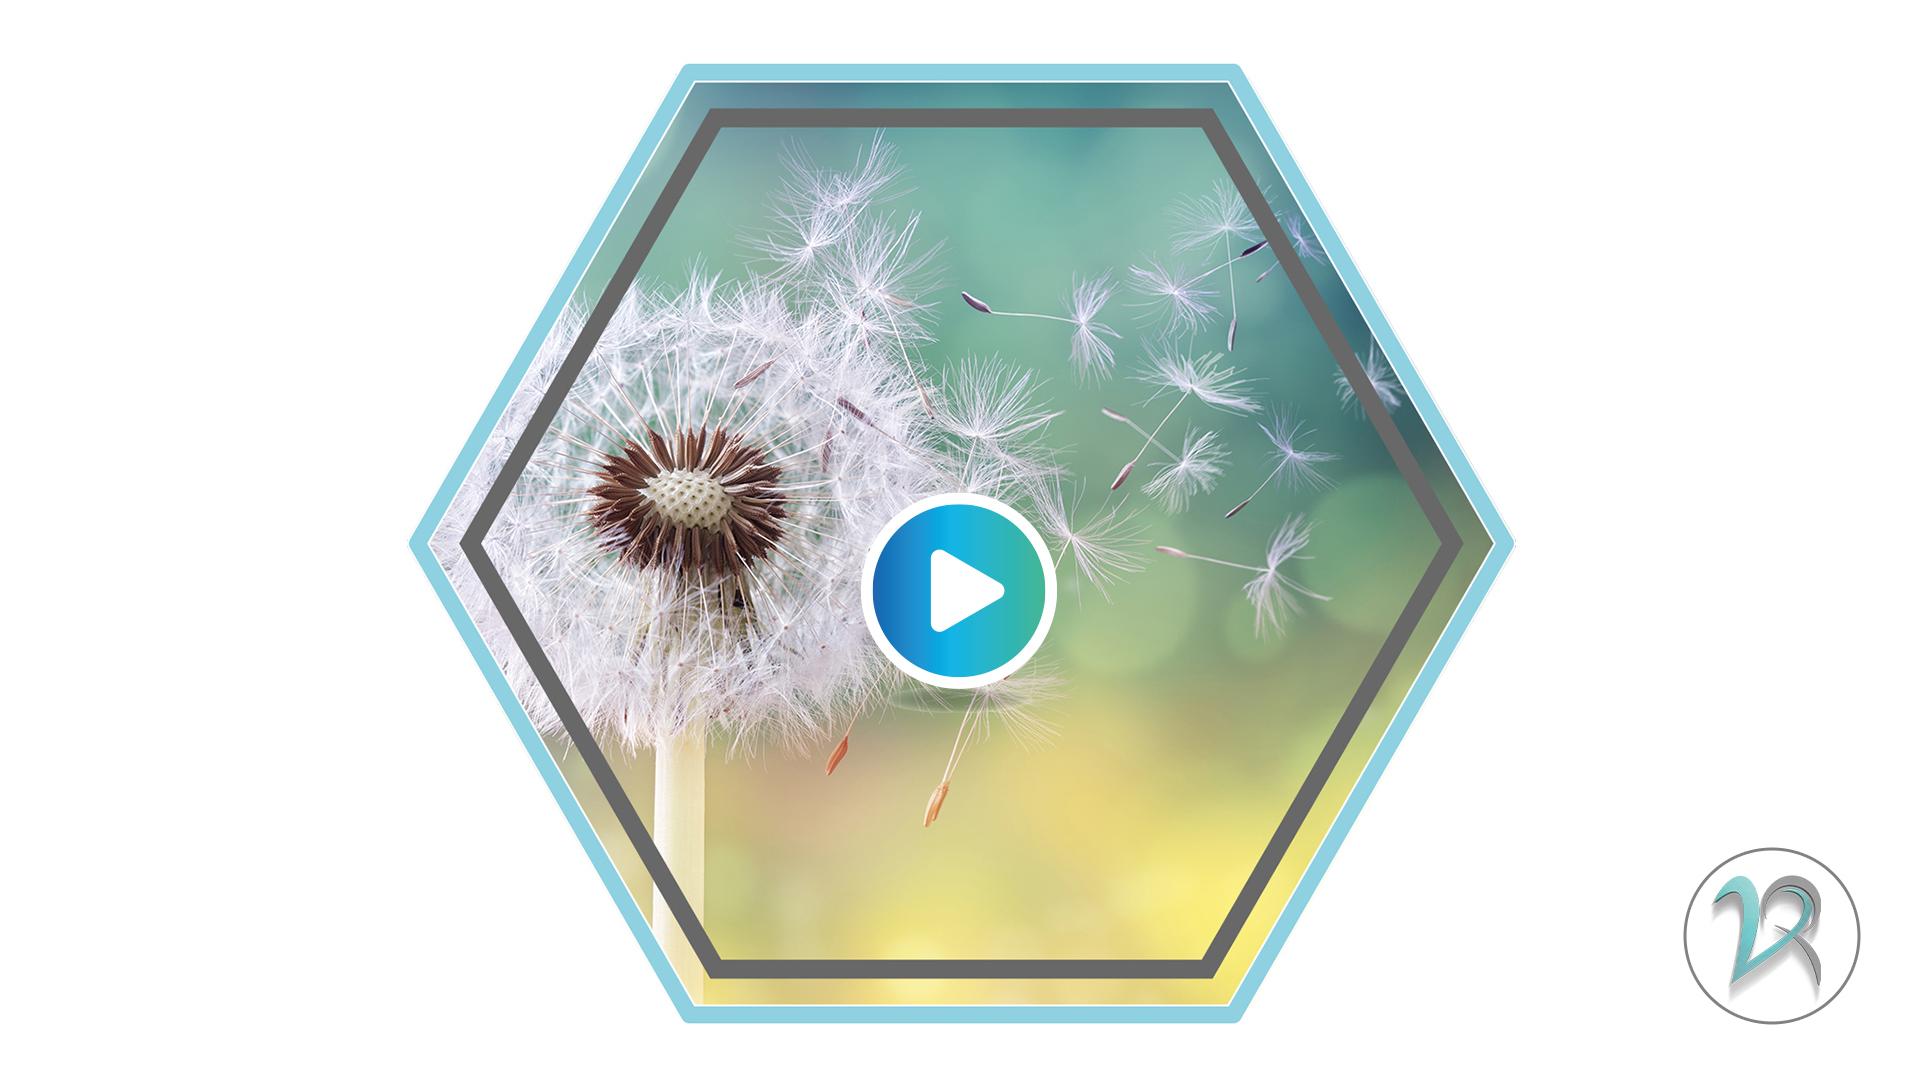 vanessa_videovorlage_button_allergie.jpg